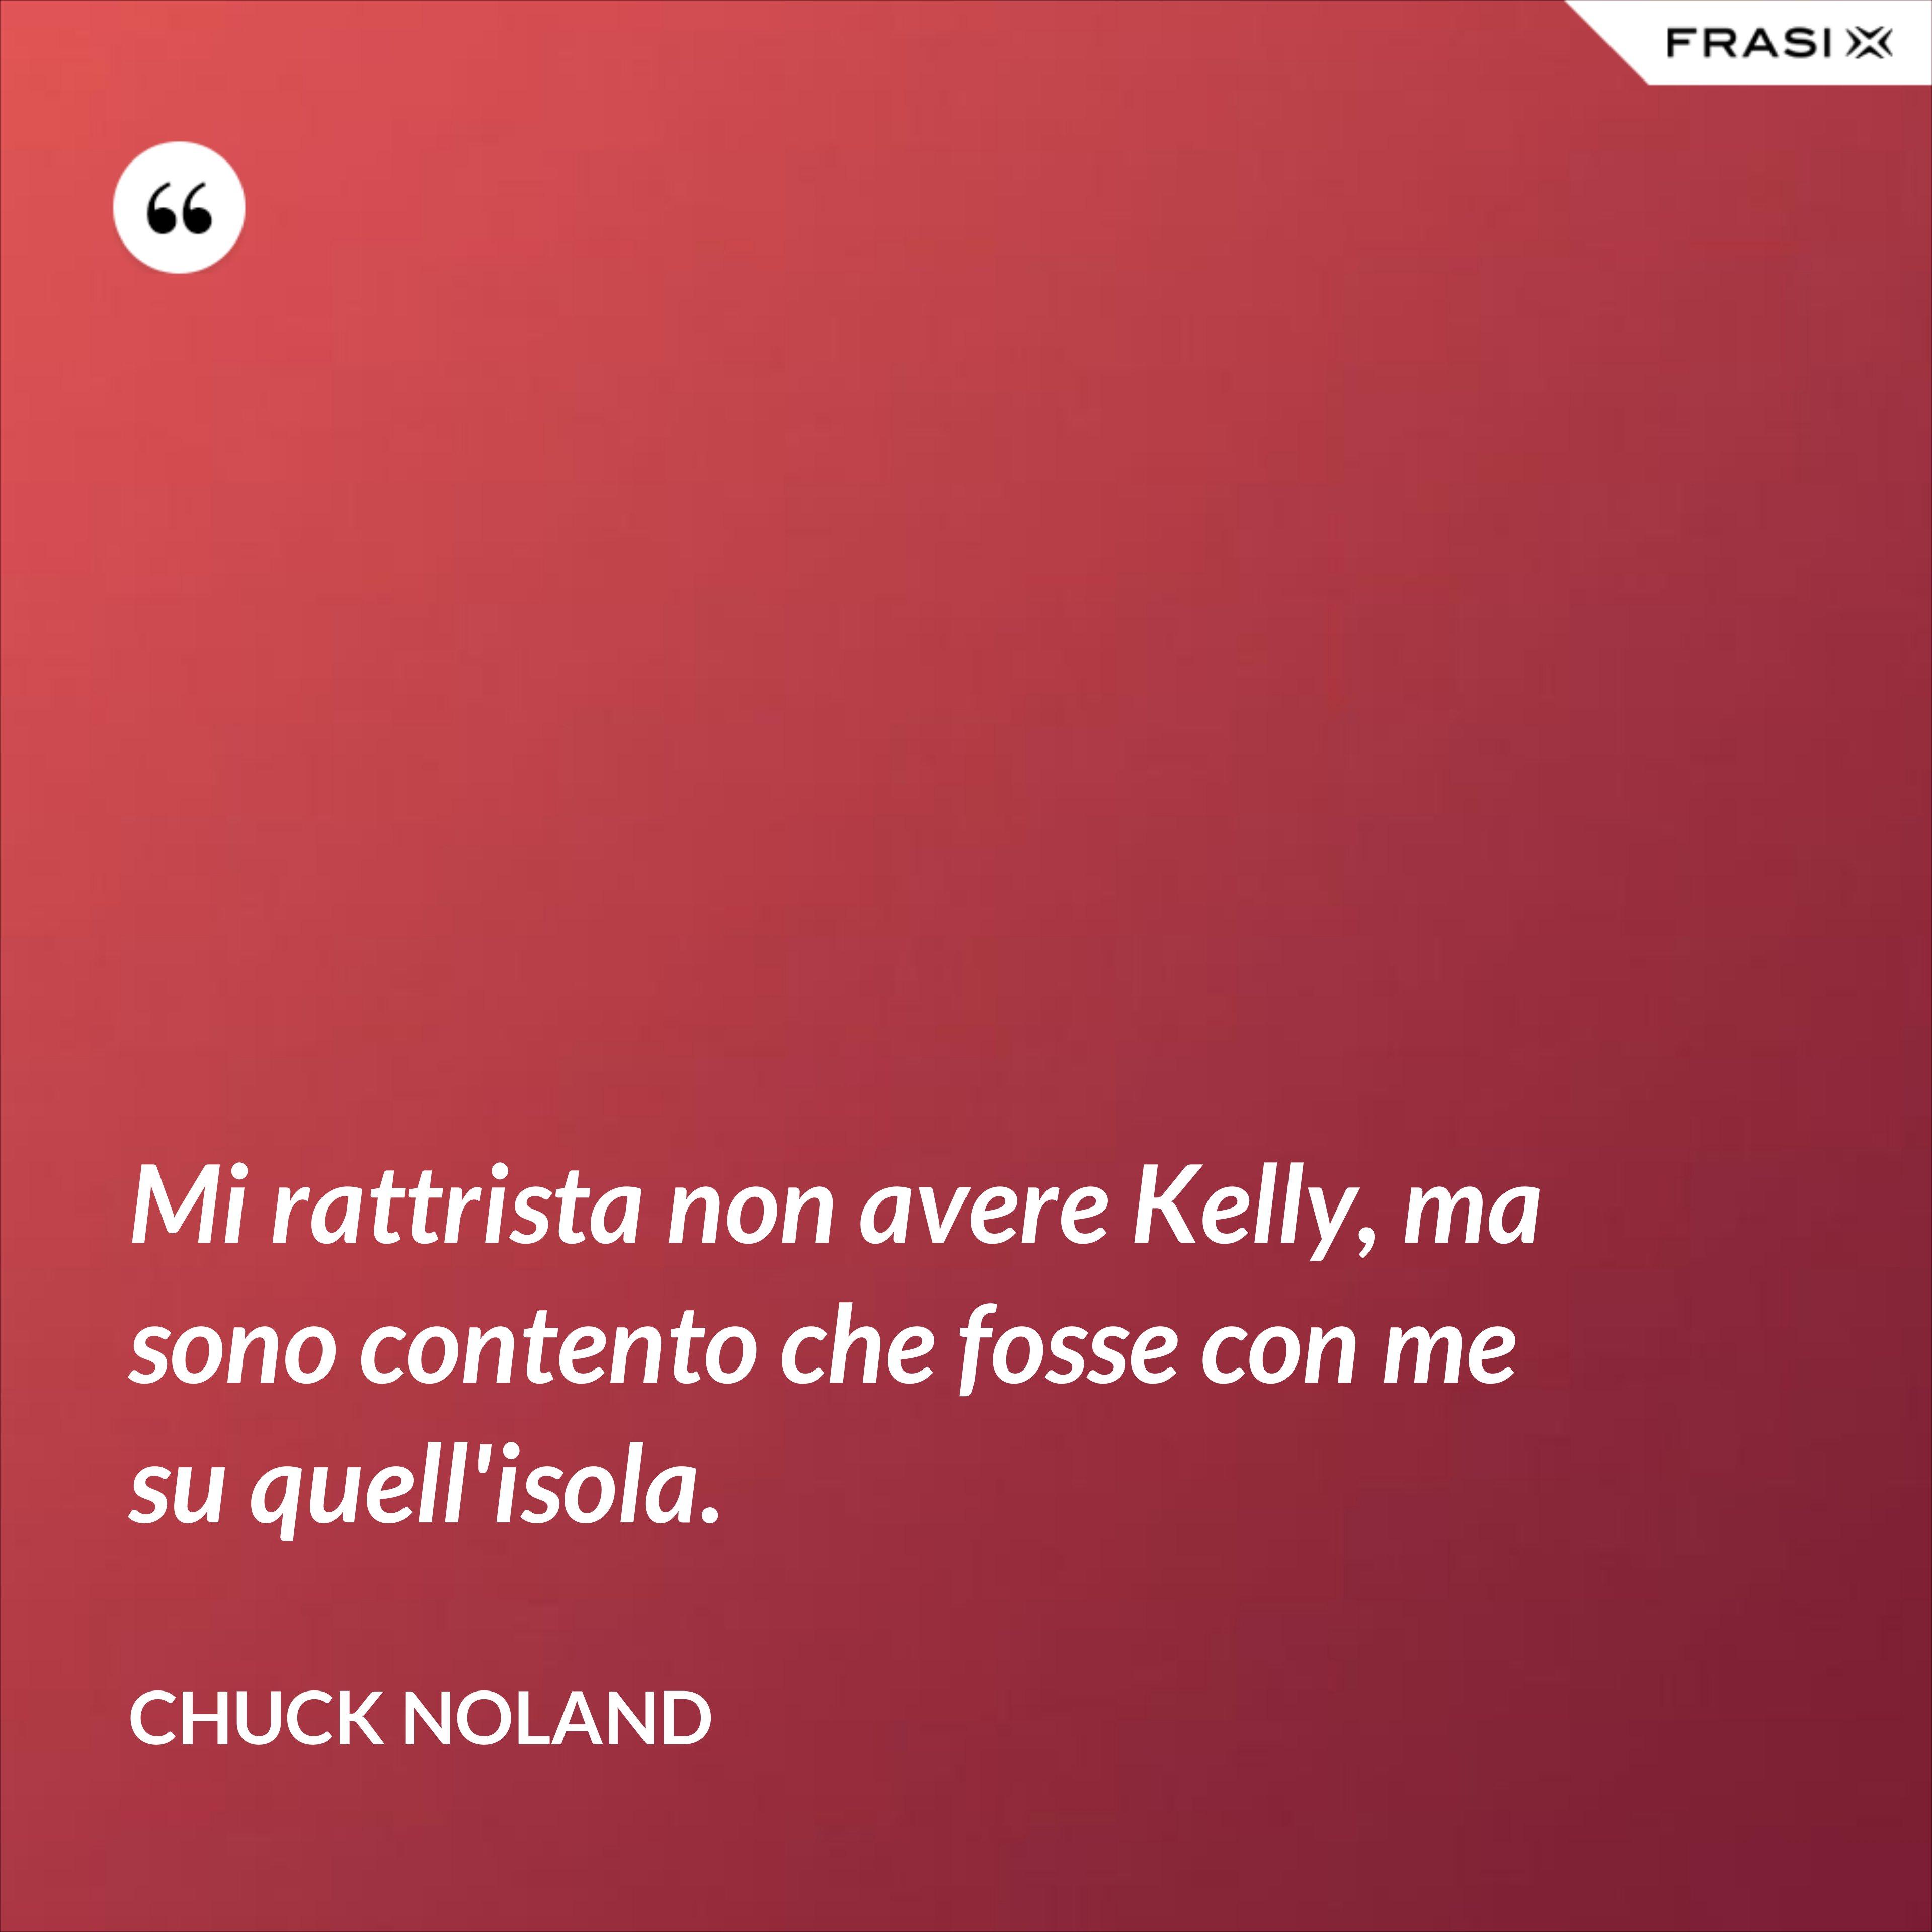 Mi rattrista non avere Kelly, ma sono contento che fosse con me su quell'isola. - Chuck Noland